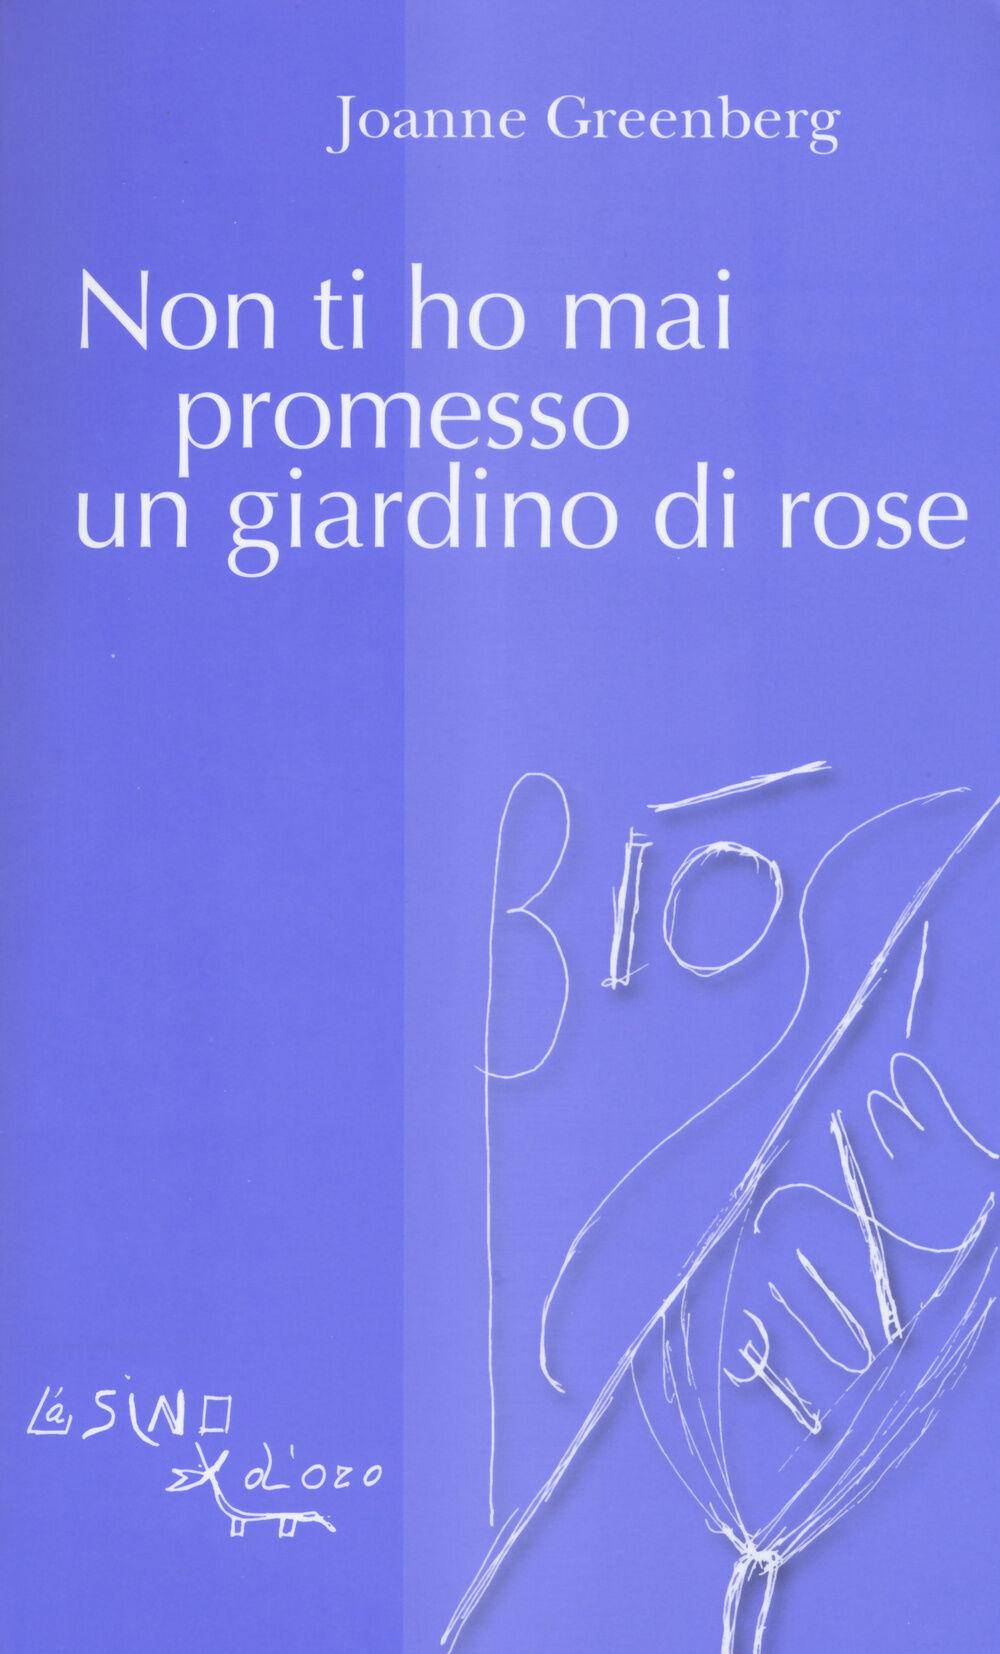 Non ti ho mai promesso un giardino di rose